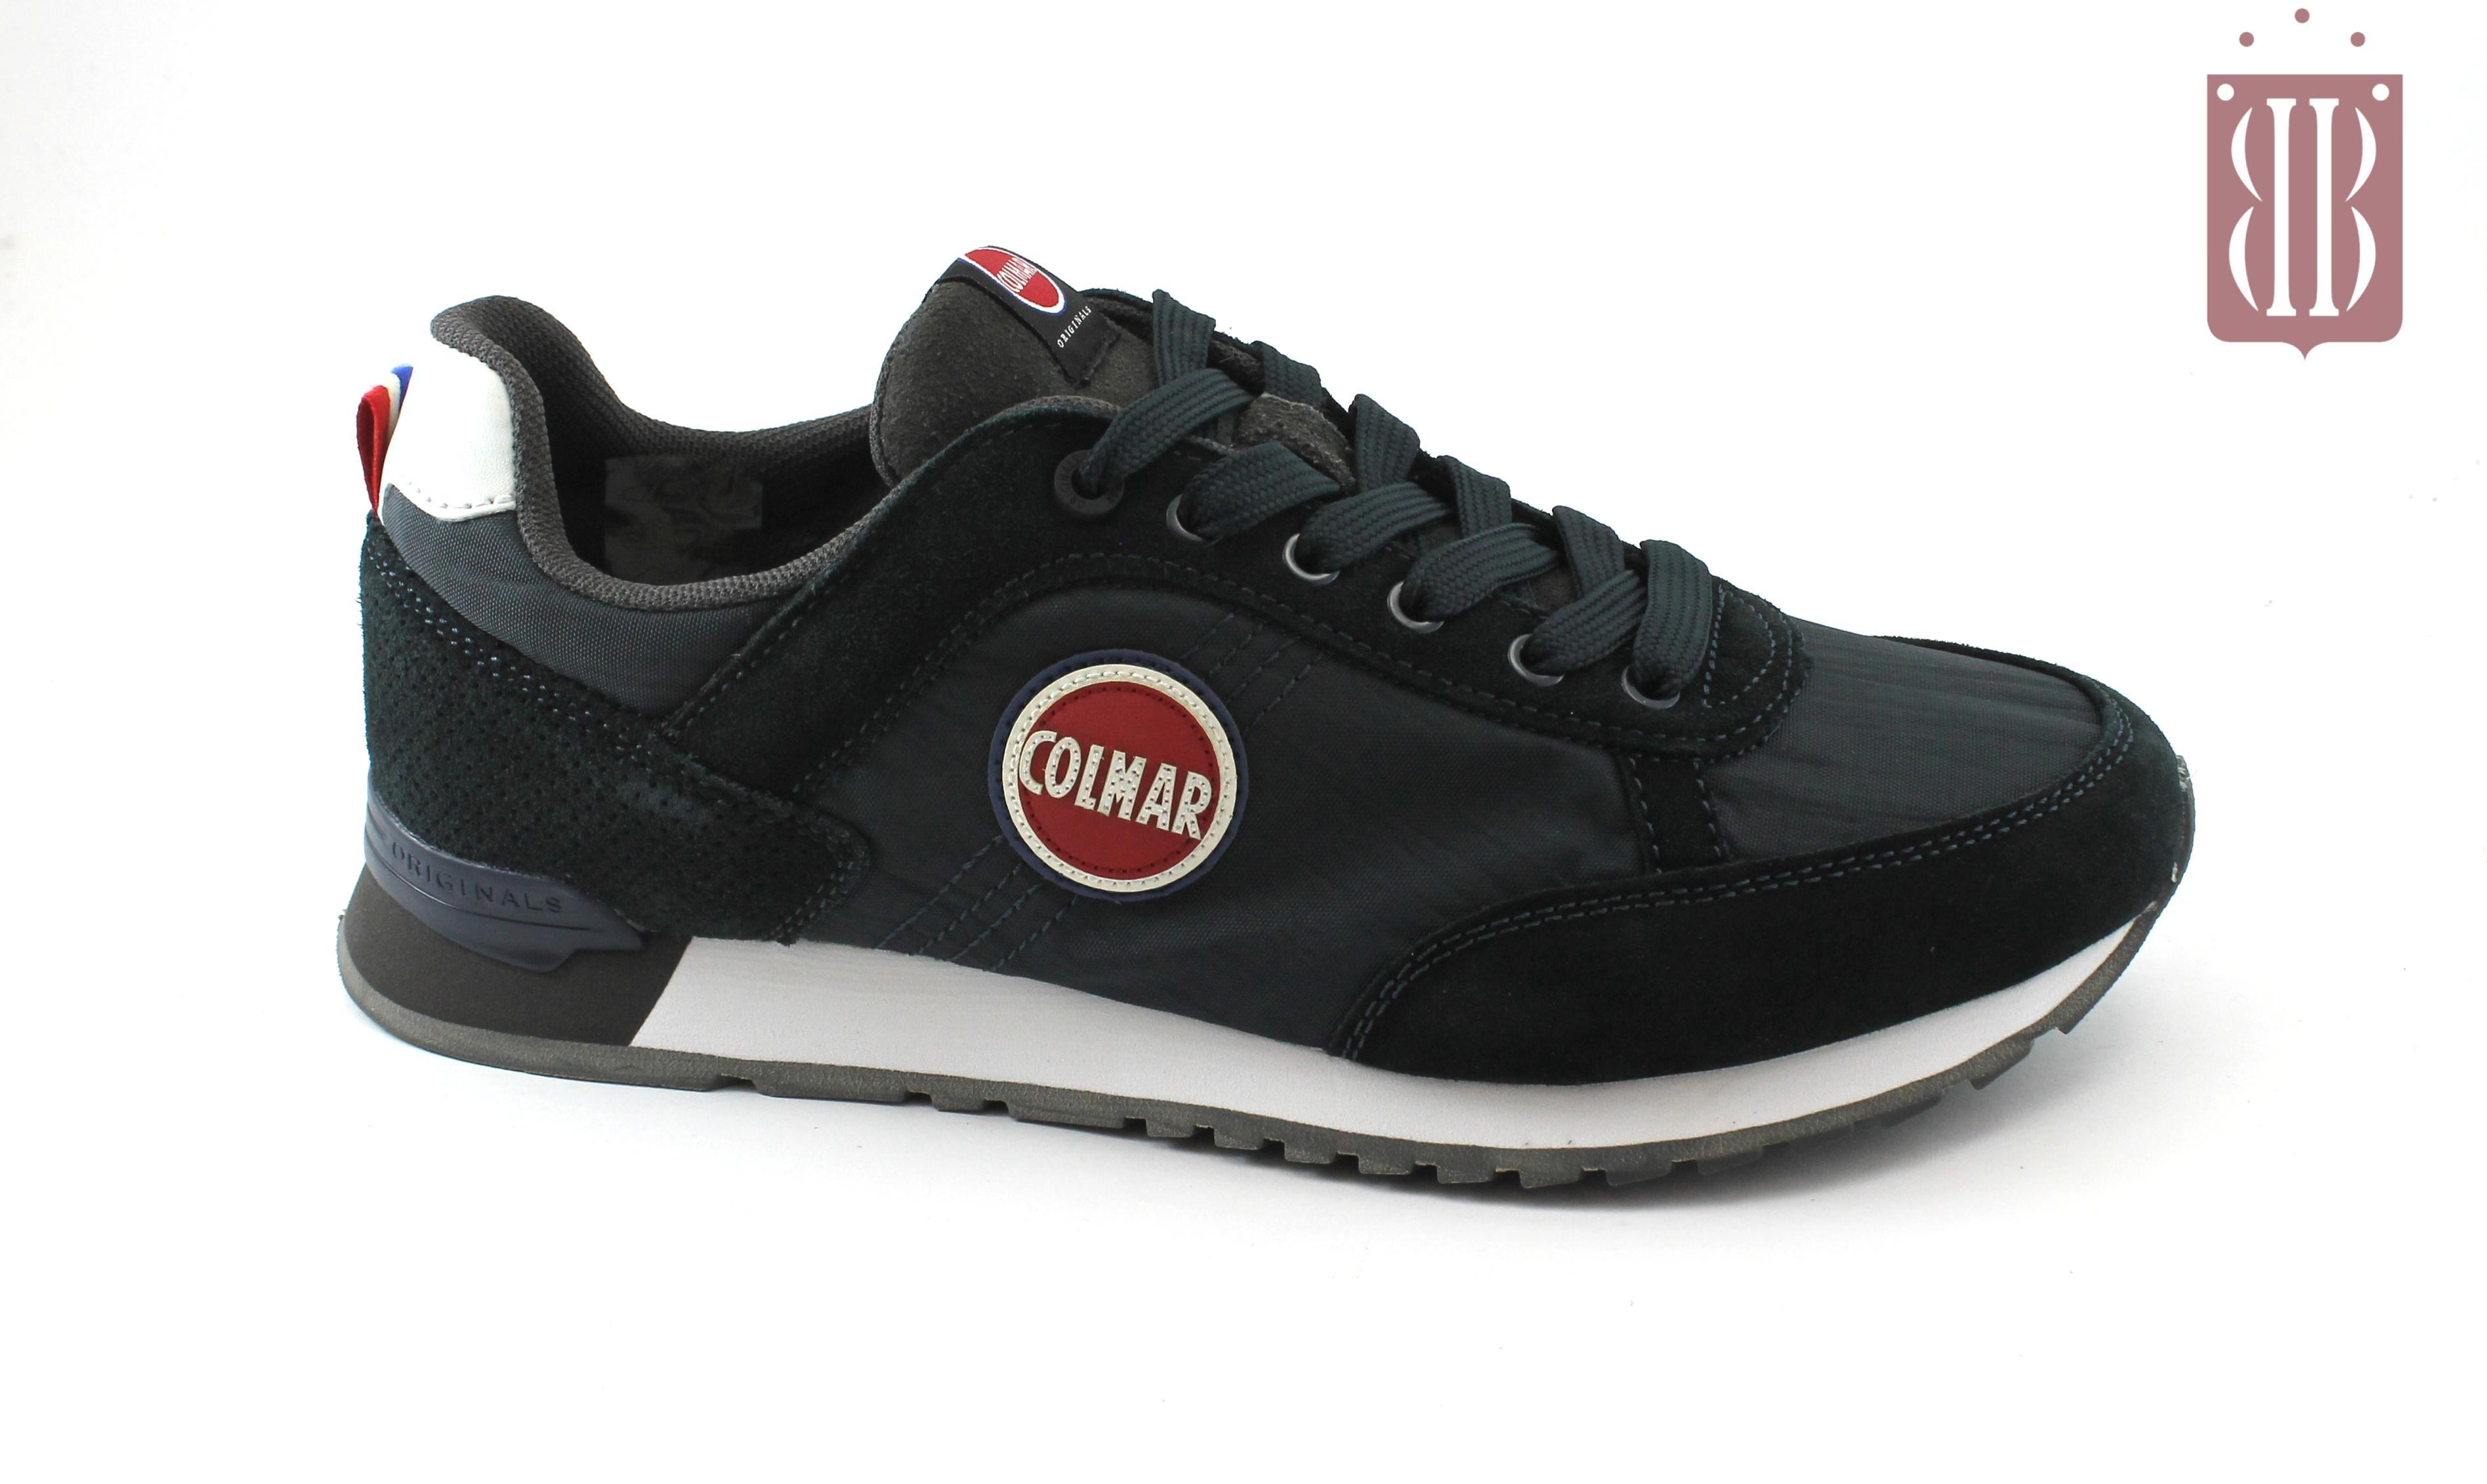 46389cf175 COLMAR TRAVIS COLORS blue/gray scarpe uomo sneakers lacci blu